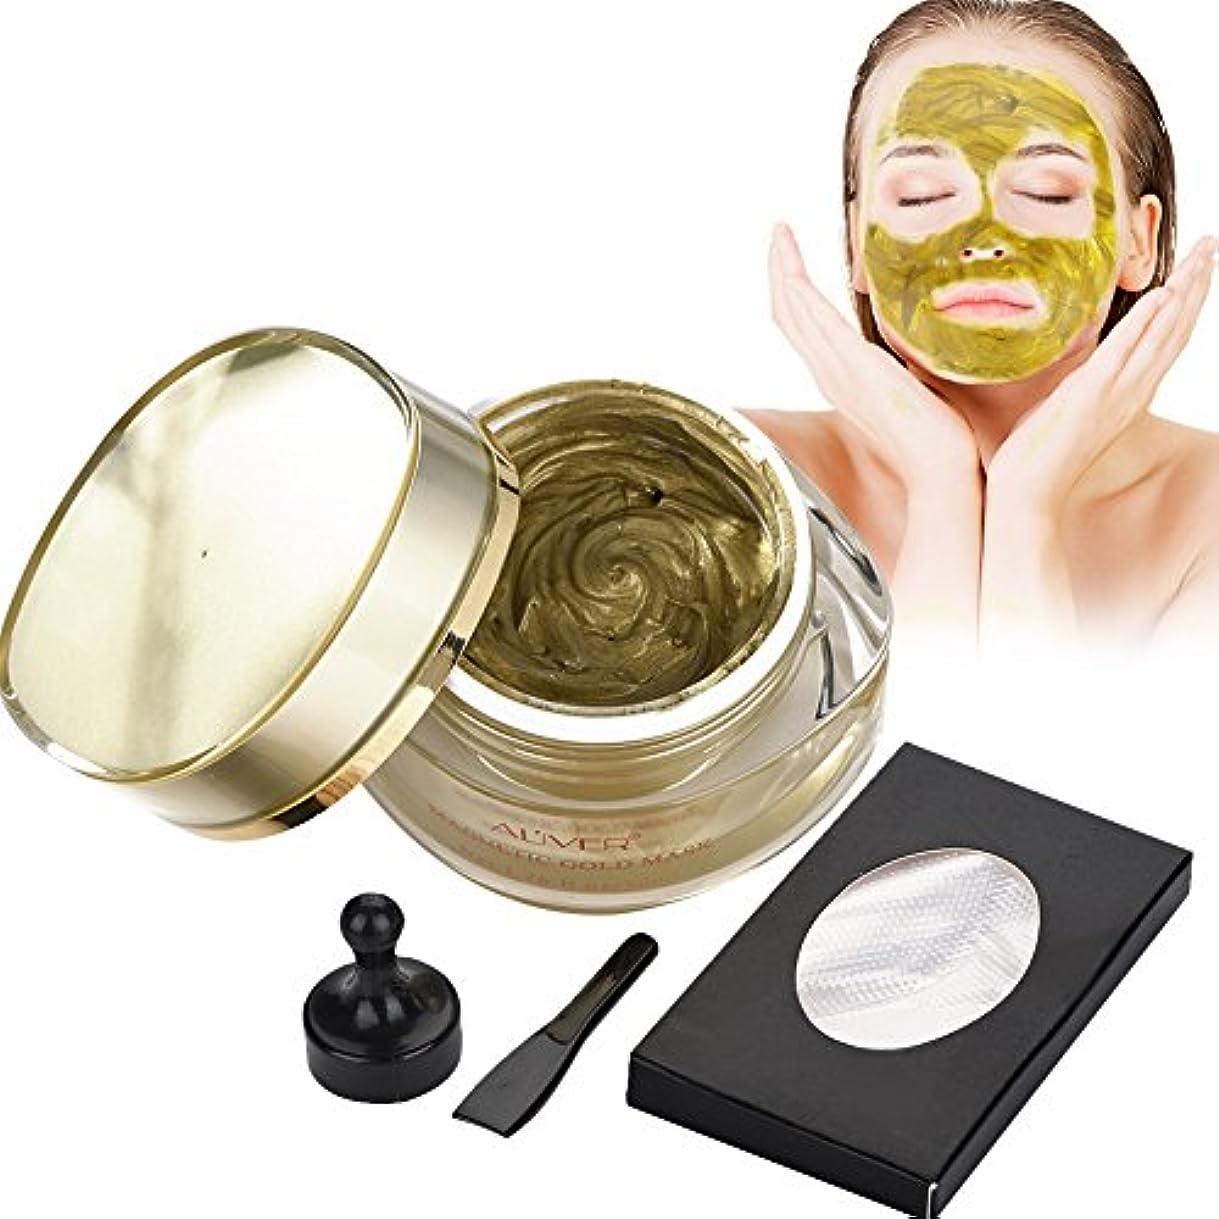 一元化する娘レクリエーション磁気ゴールドマスク、フェイシャルスキンケア 自然成分 ミネラルリッチ ディープクレンジングポア 人気があり